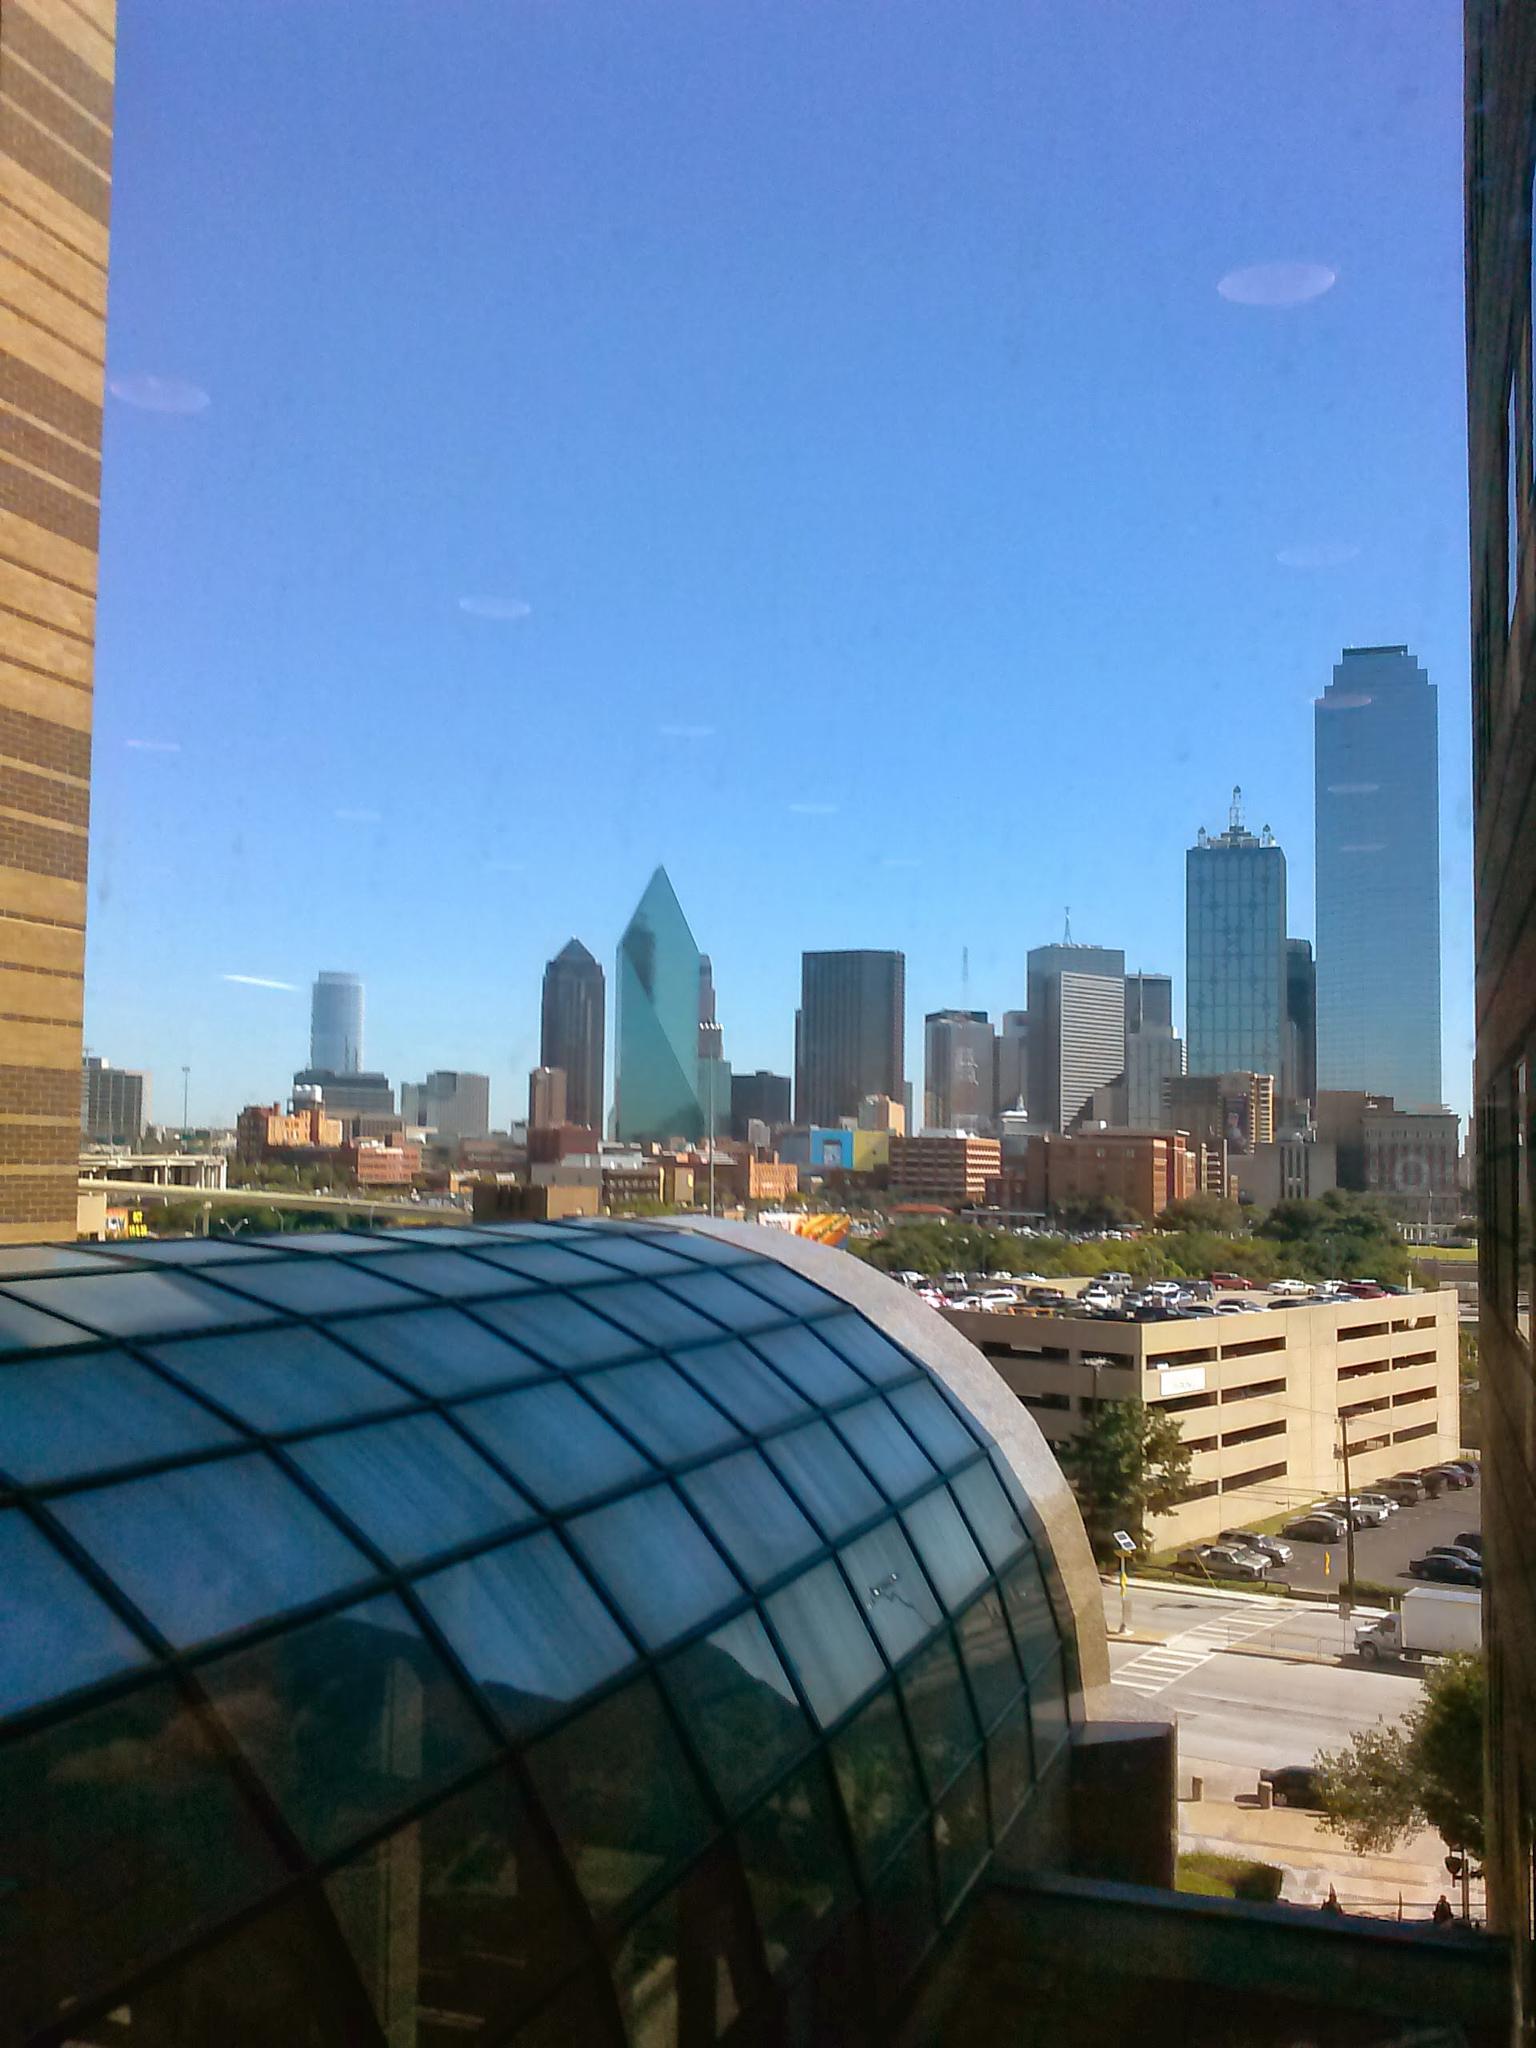 Dallas Skyline by Jason Sparks